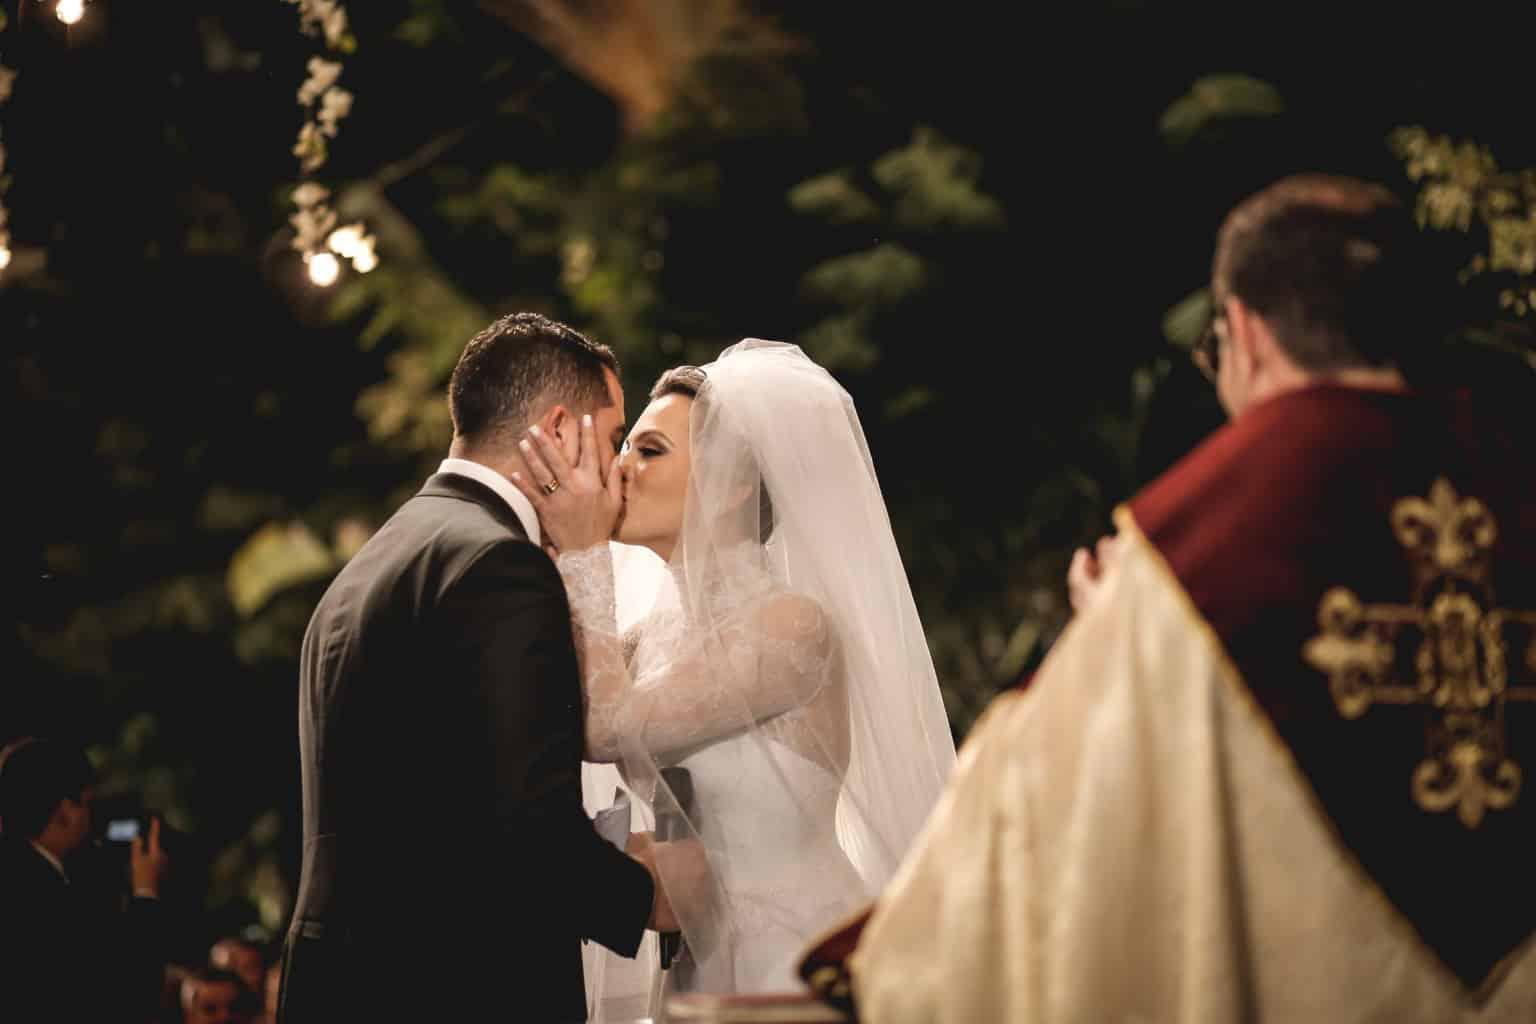 casamento-Juliana-e-Eduardo-cerimonia-Fotografia-Ricardo-Nascimento-e-Thereza-magno-Usina-dois-irmãos65